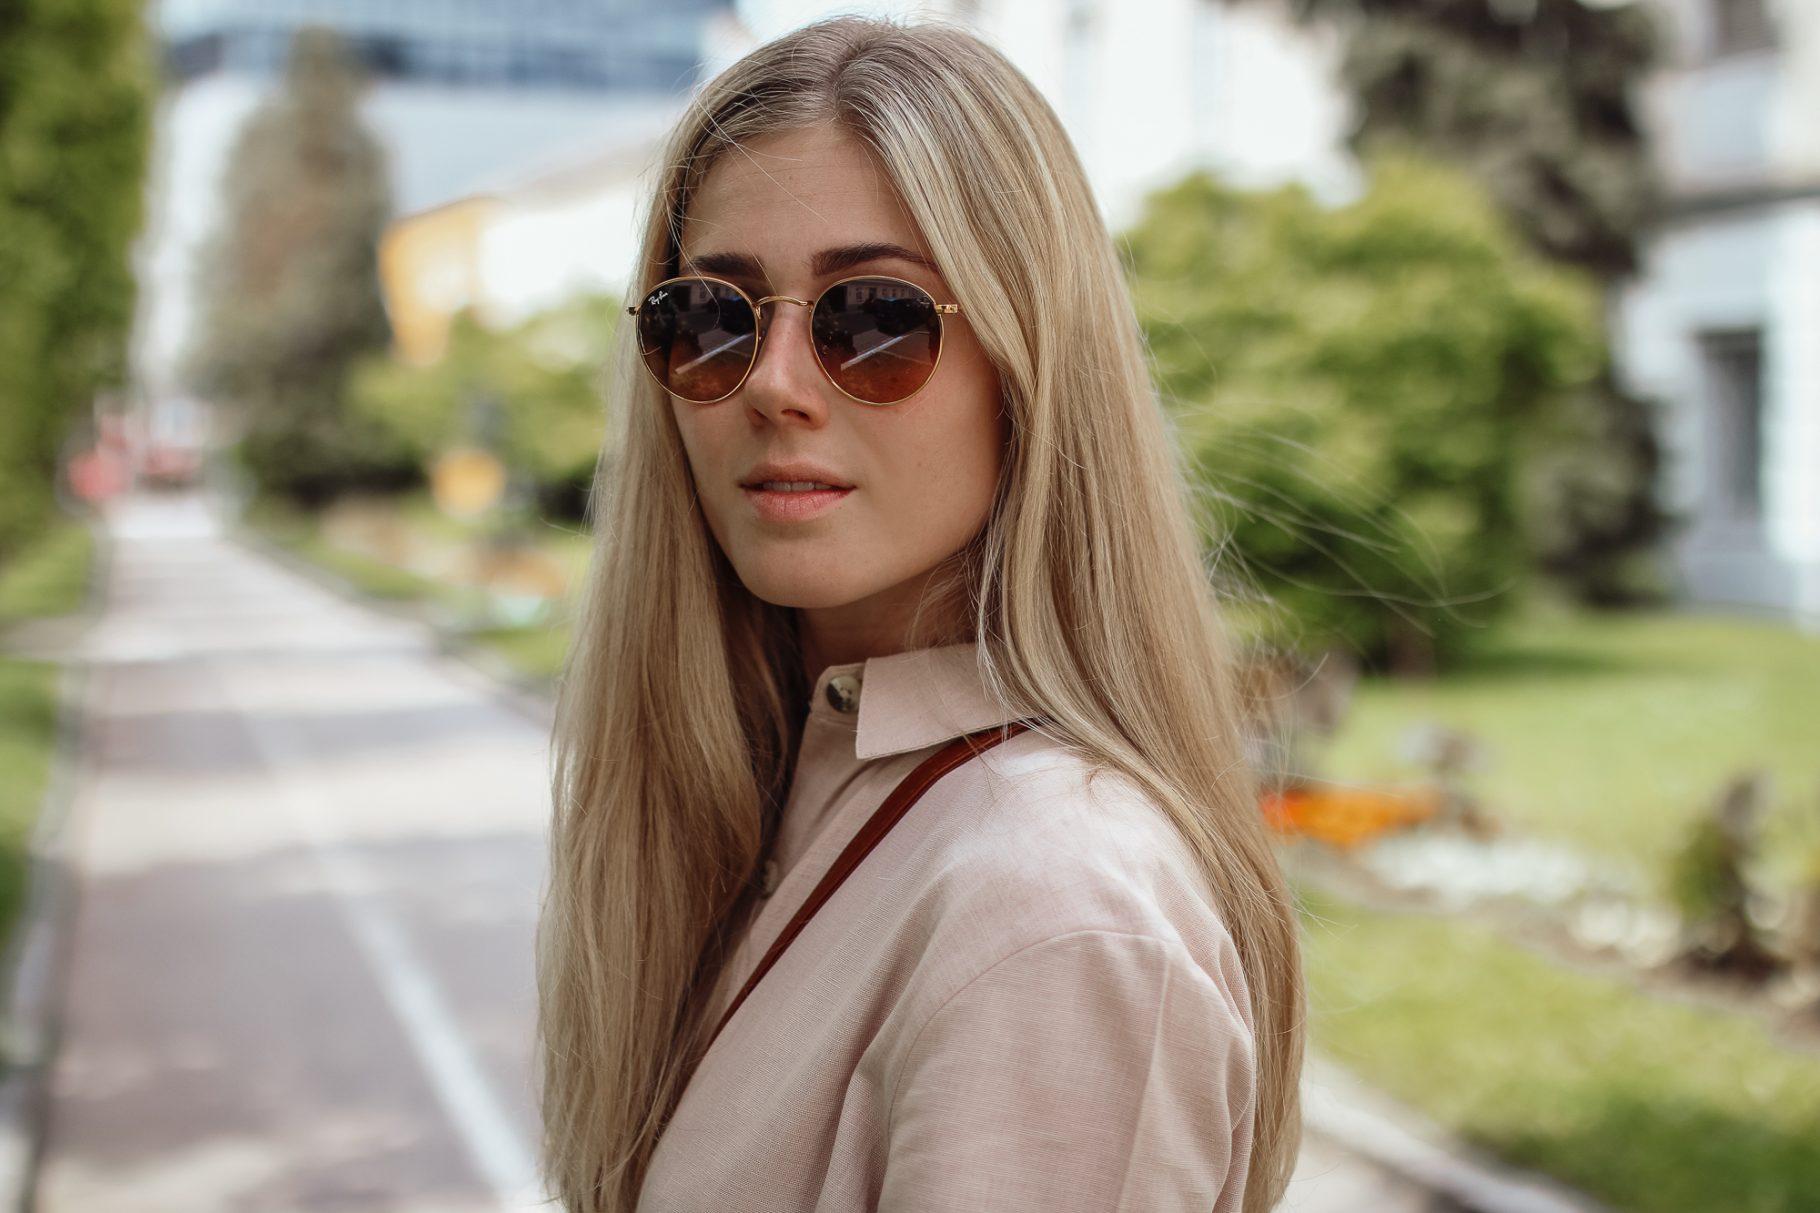 BLOG YOUR STYLE: Leinen Jumsuit auf dem österreichischen Lifestyle Blog Bits and Bobs by Eva. Mehr Fashion und Mode auf www.bitsandbobsbyeva.com